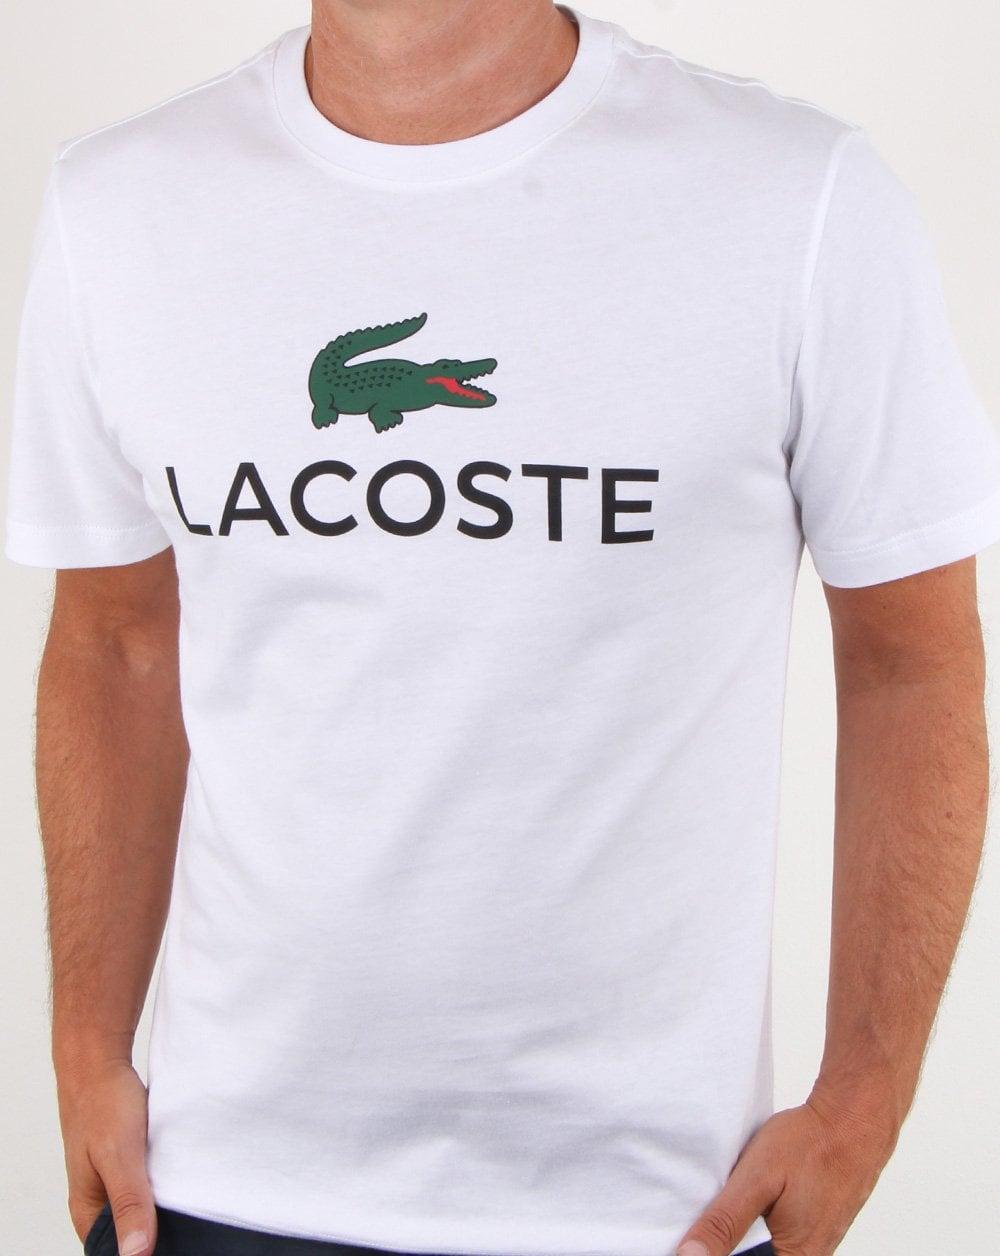 c4eb4d50 Lacoste Logo T-shirt White, Mens, T-Shirt, Croc, Cotton, Crew, Smart